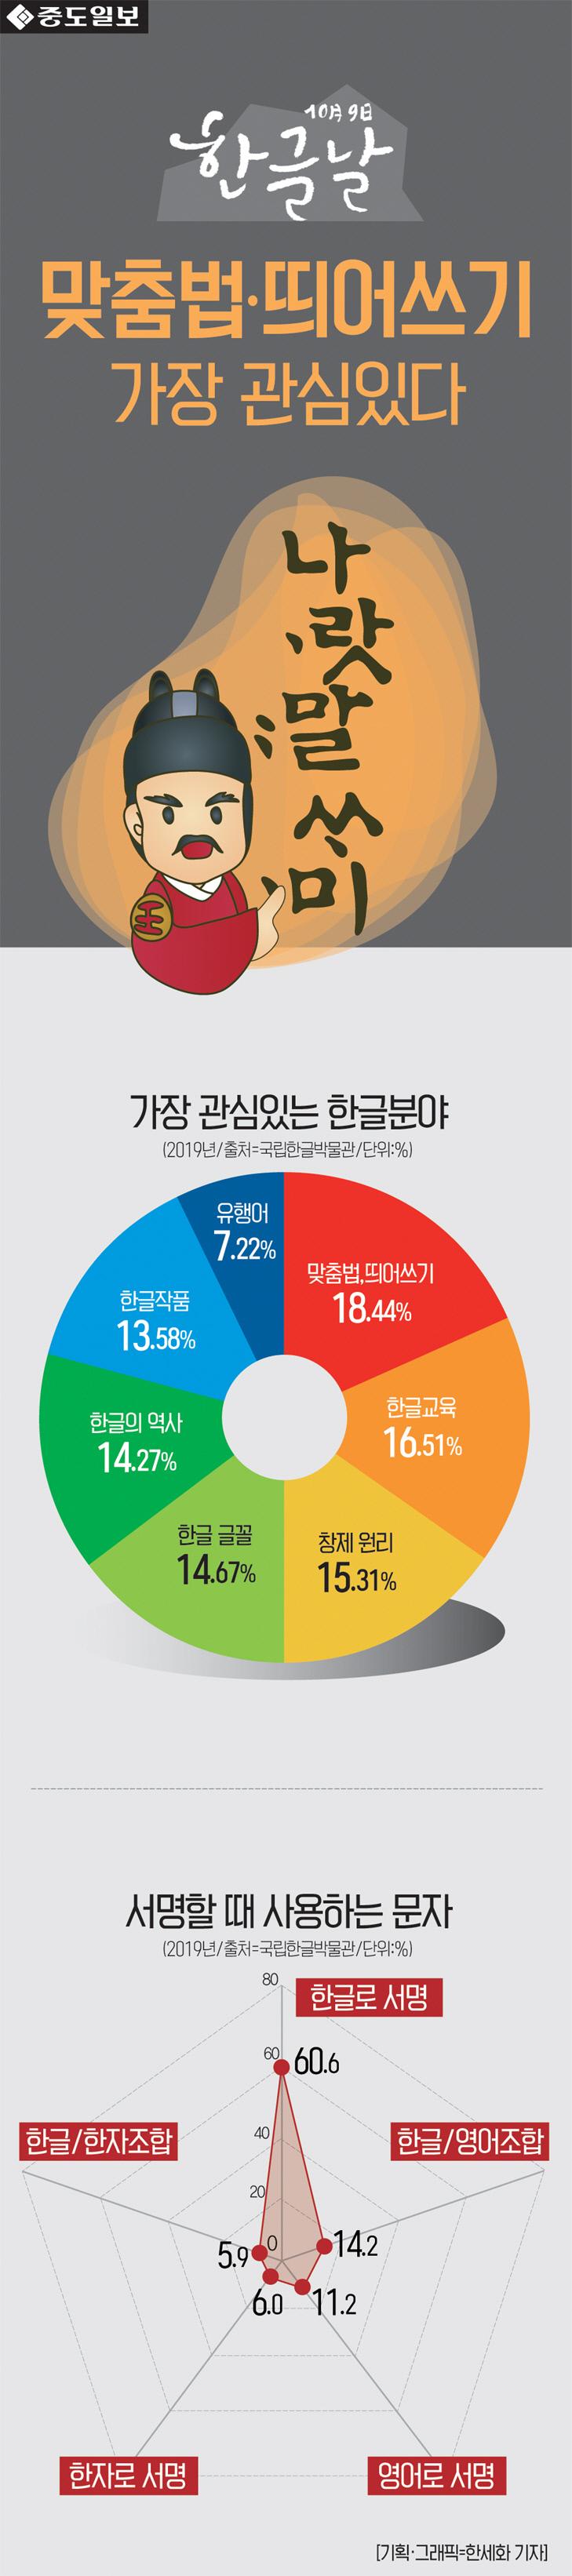 인포-한글날-2탄